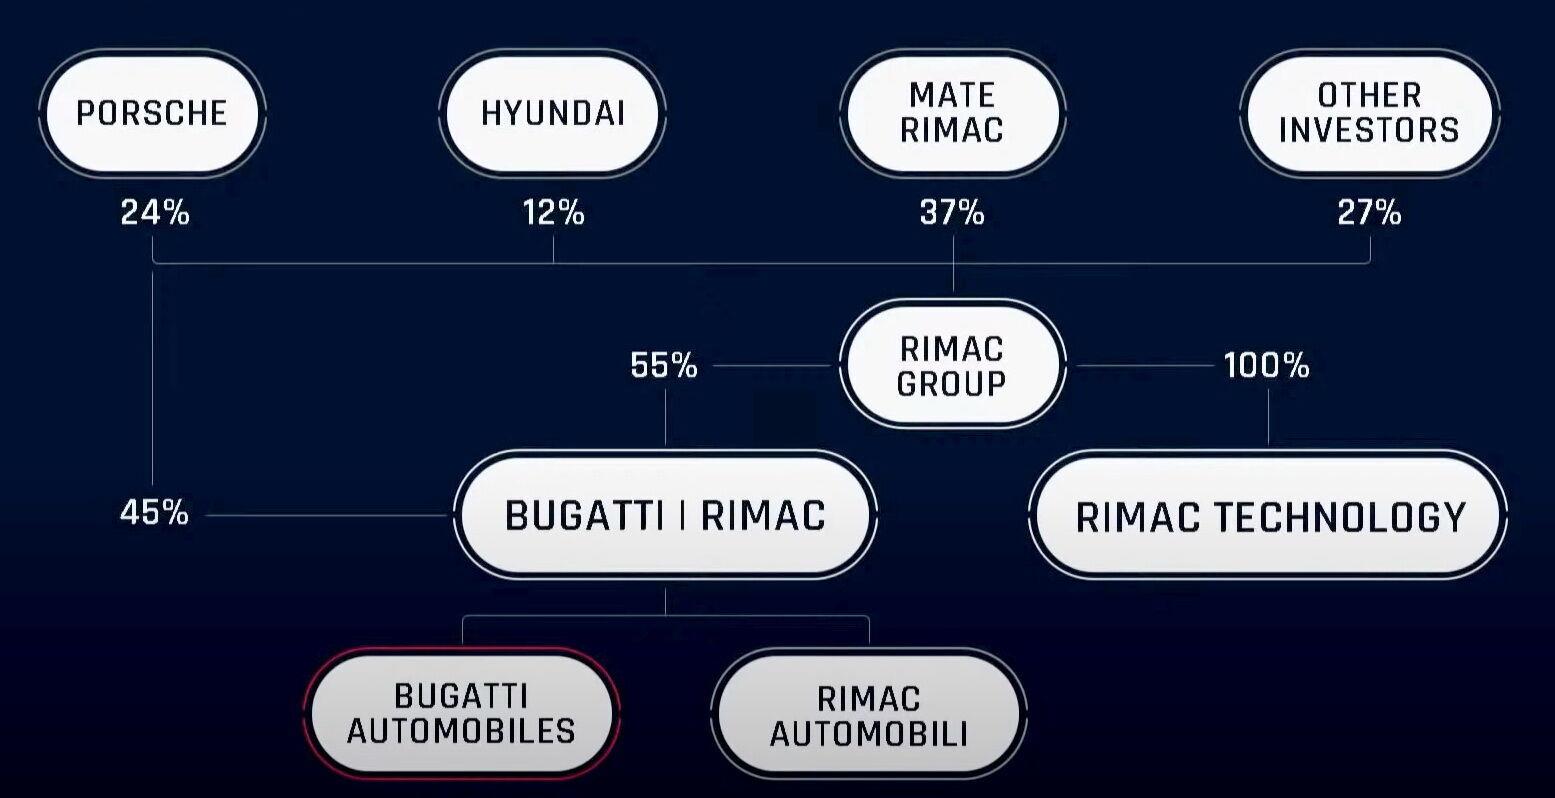 Відповідно до документа 55% частки у СП Bugatti Rimac належатимуть компанії Rimac Group, а 45% – Porsche